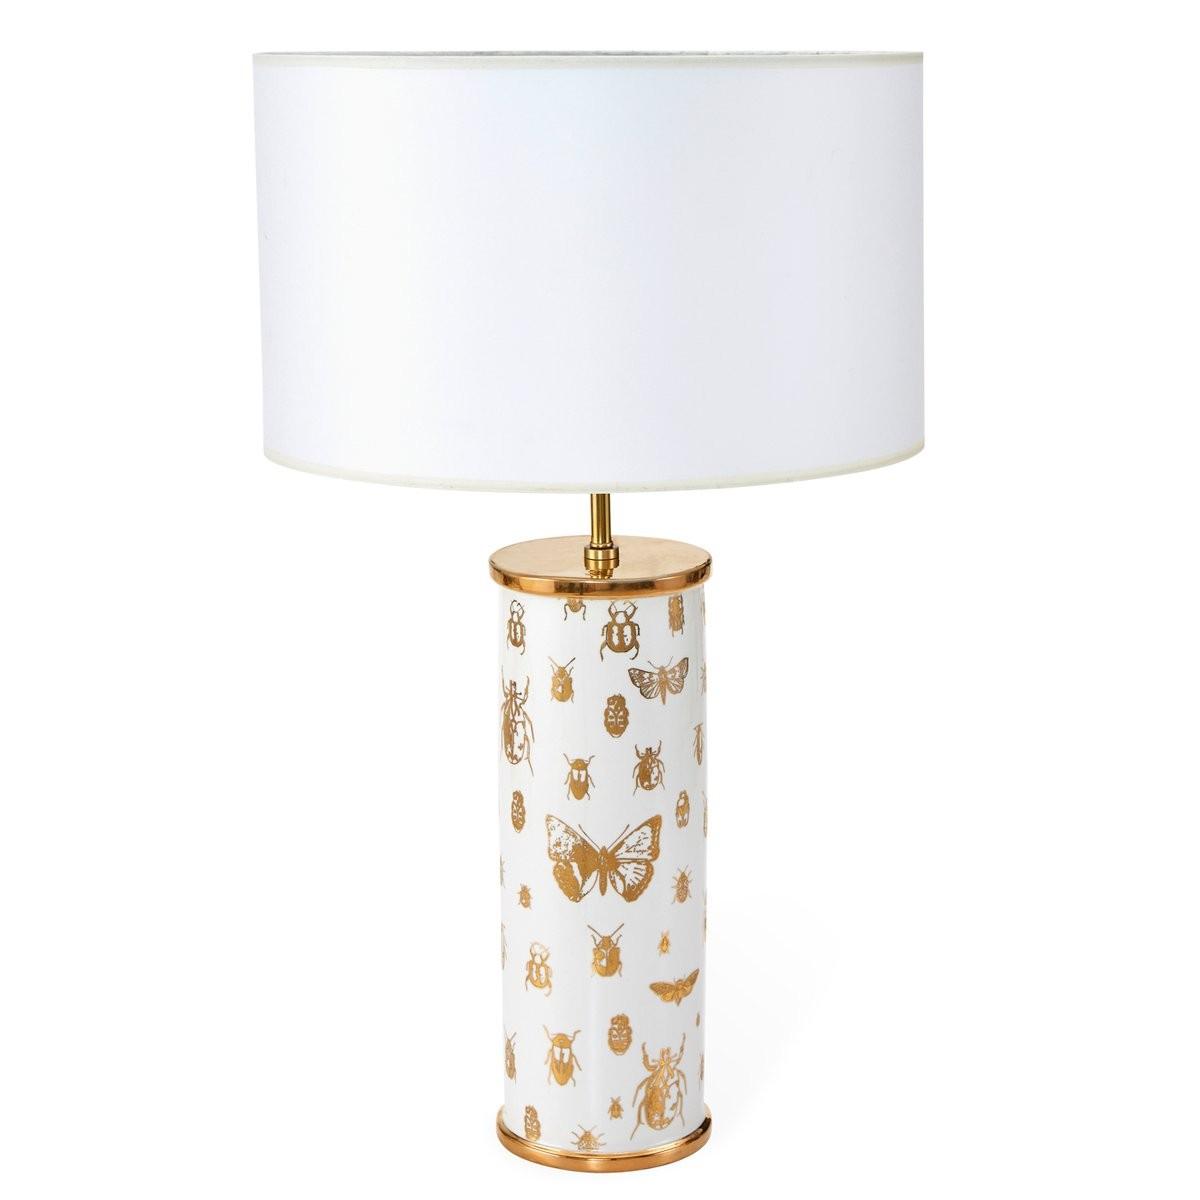 Jonathan Adler I Botanist Table Lamp